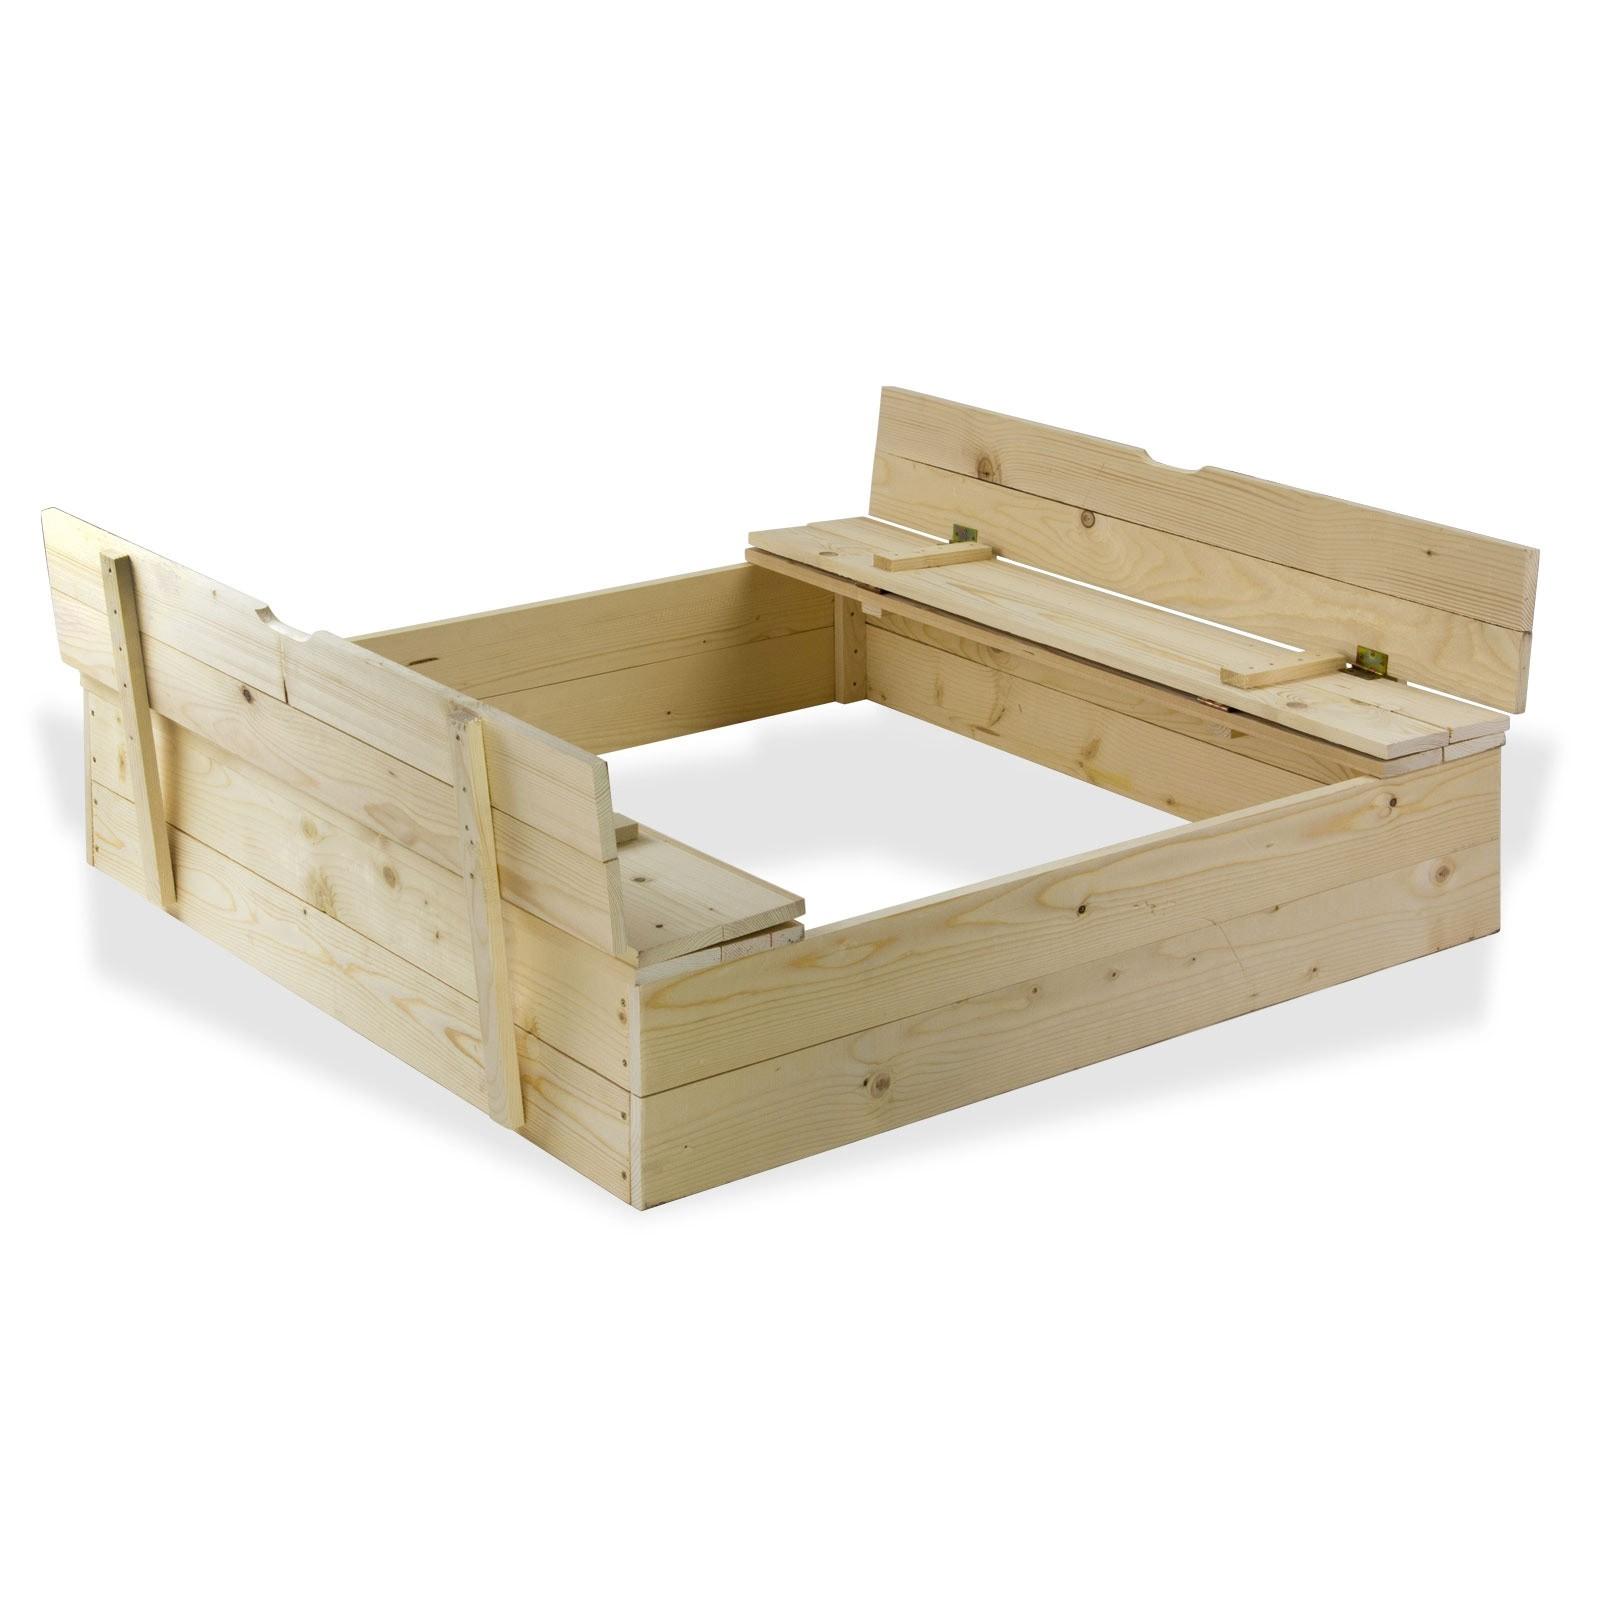 Dema Sandkasten Sandspielkasten aus Holz mit Sitzbänken 120x120 cm 17016